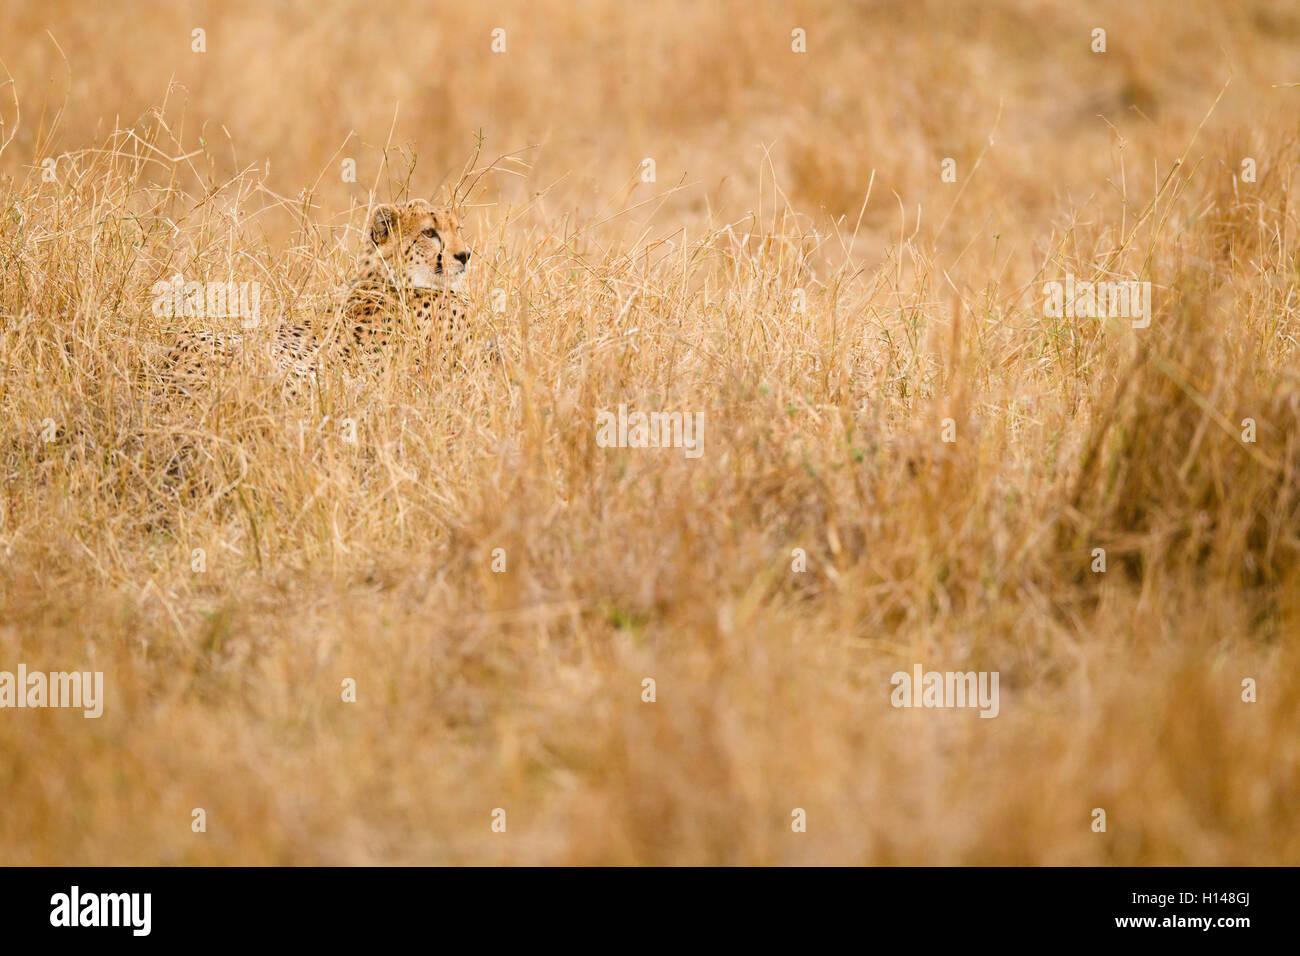 Ein Gepard versteckt inmitten von grass Stockbild